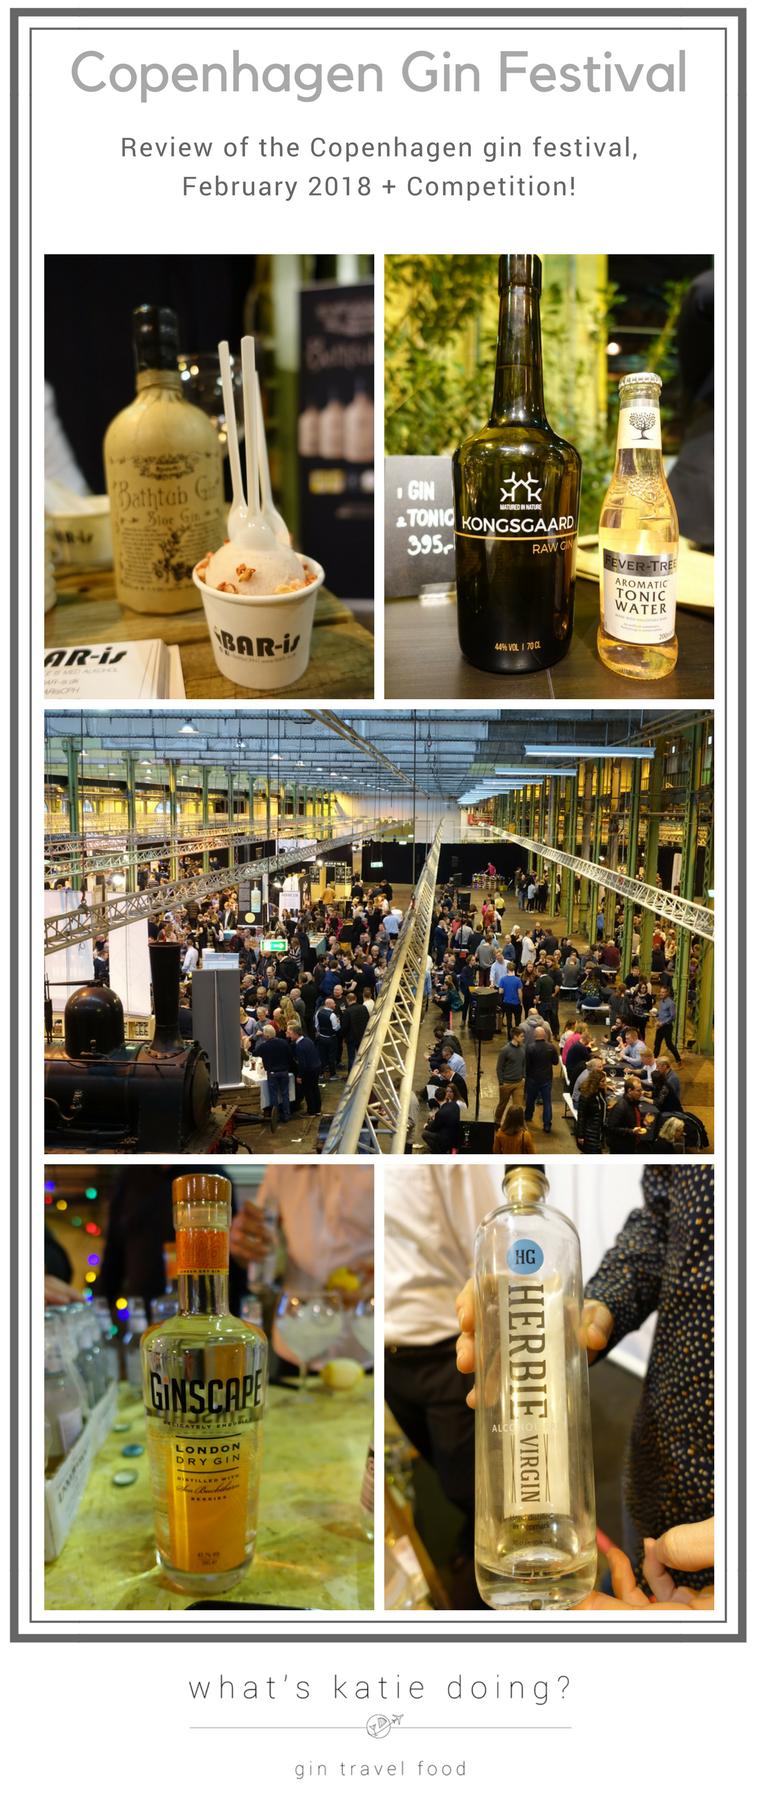 Copenhagen Gin Festival + Competition